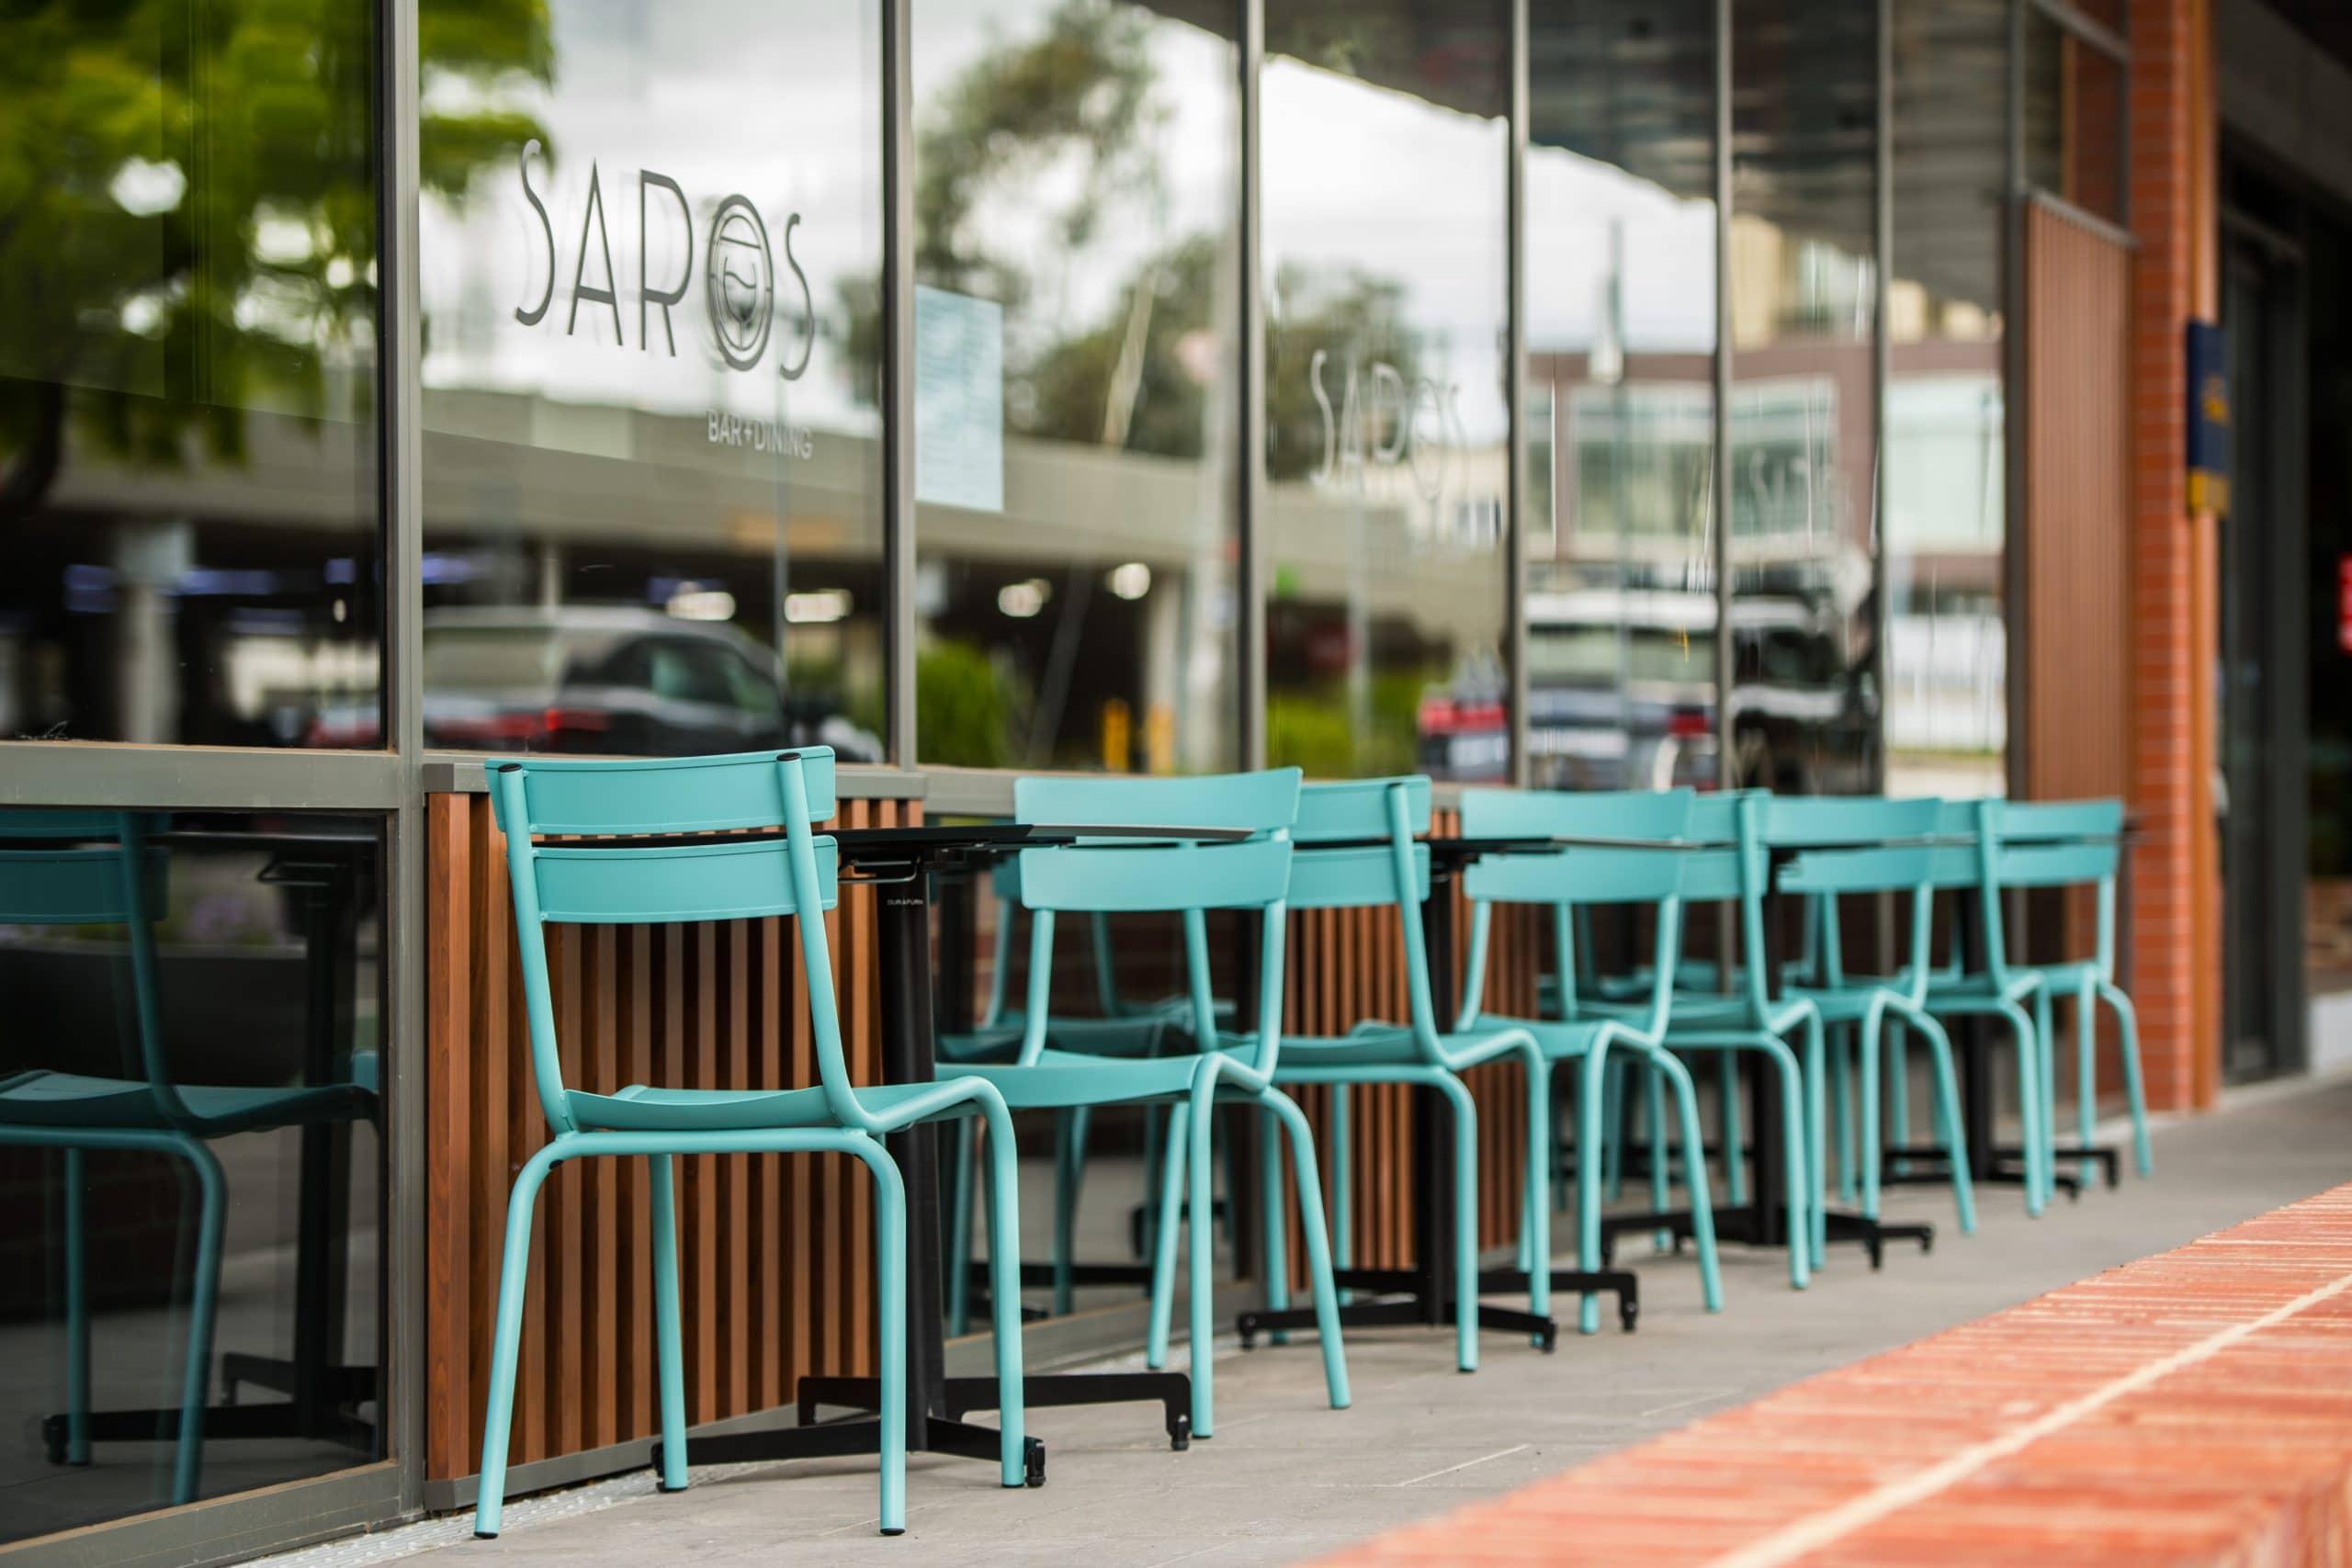 Outdoor dining alfresco at Saros Bar & Dining